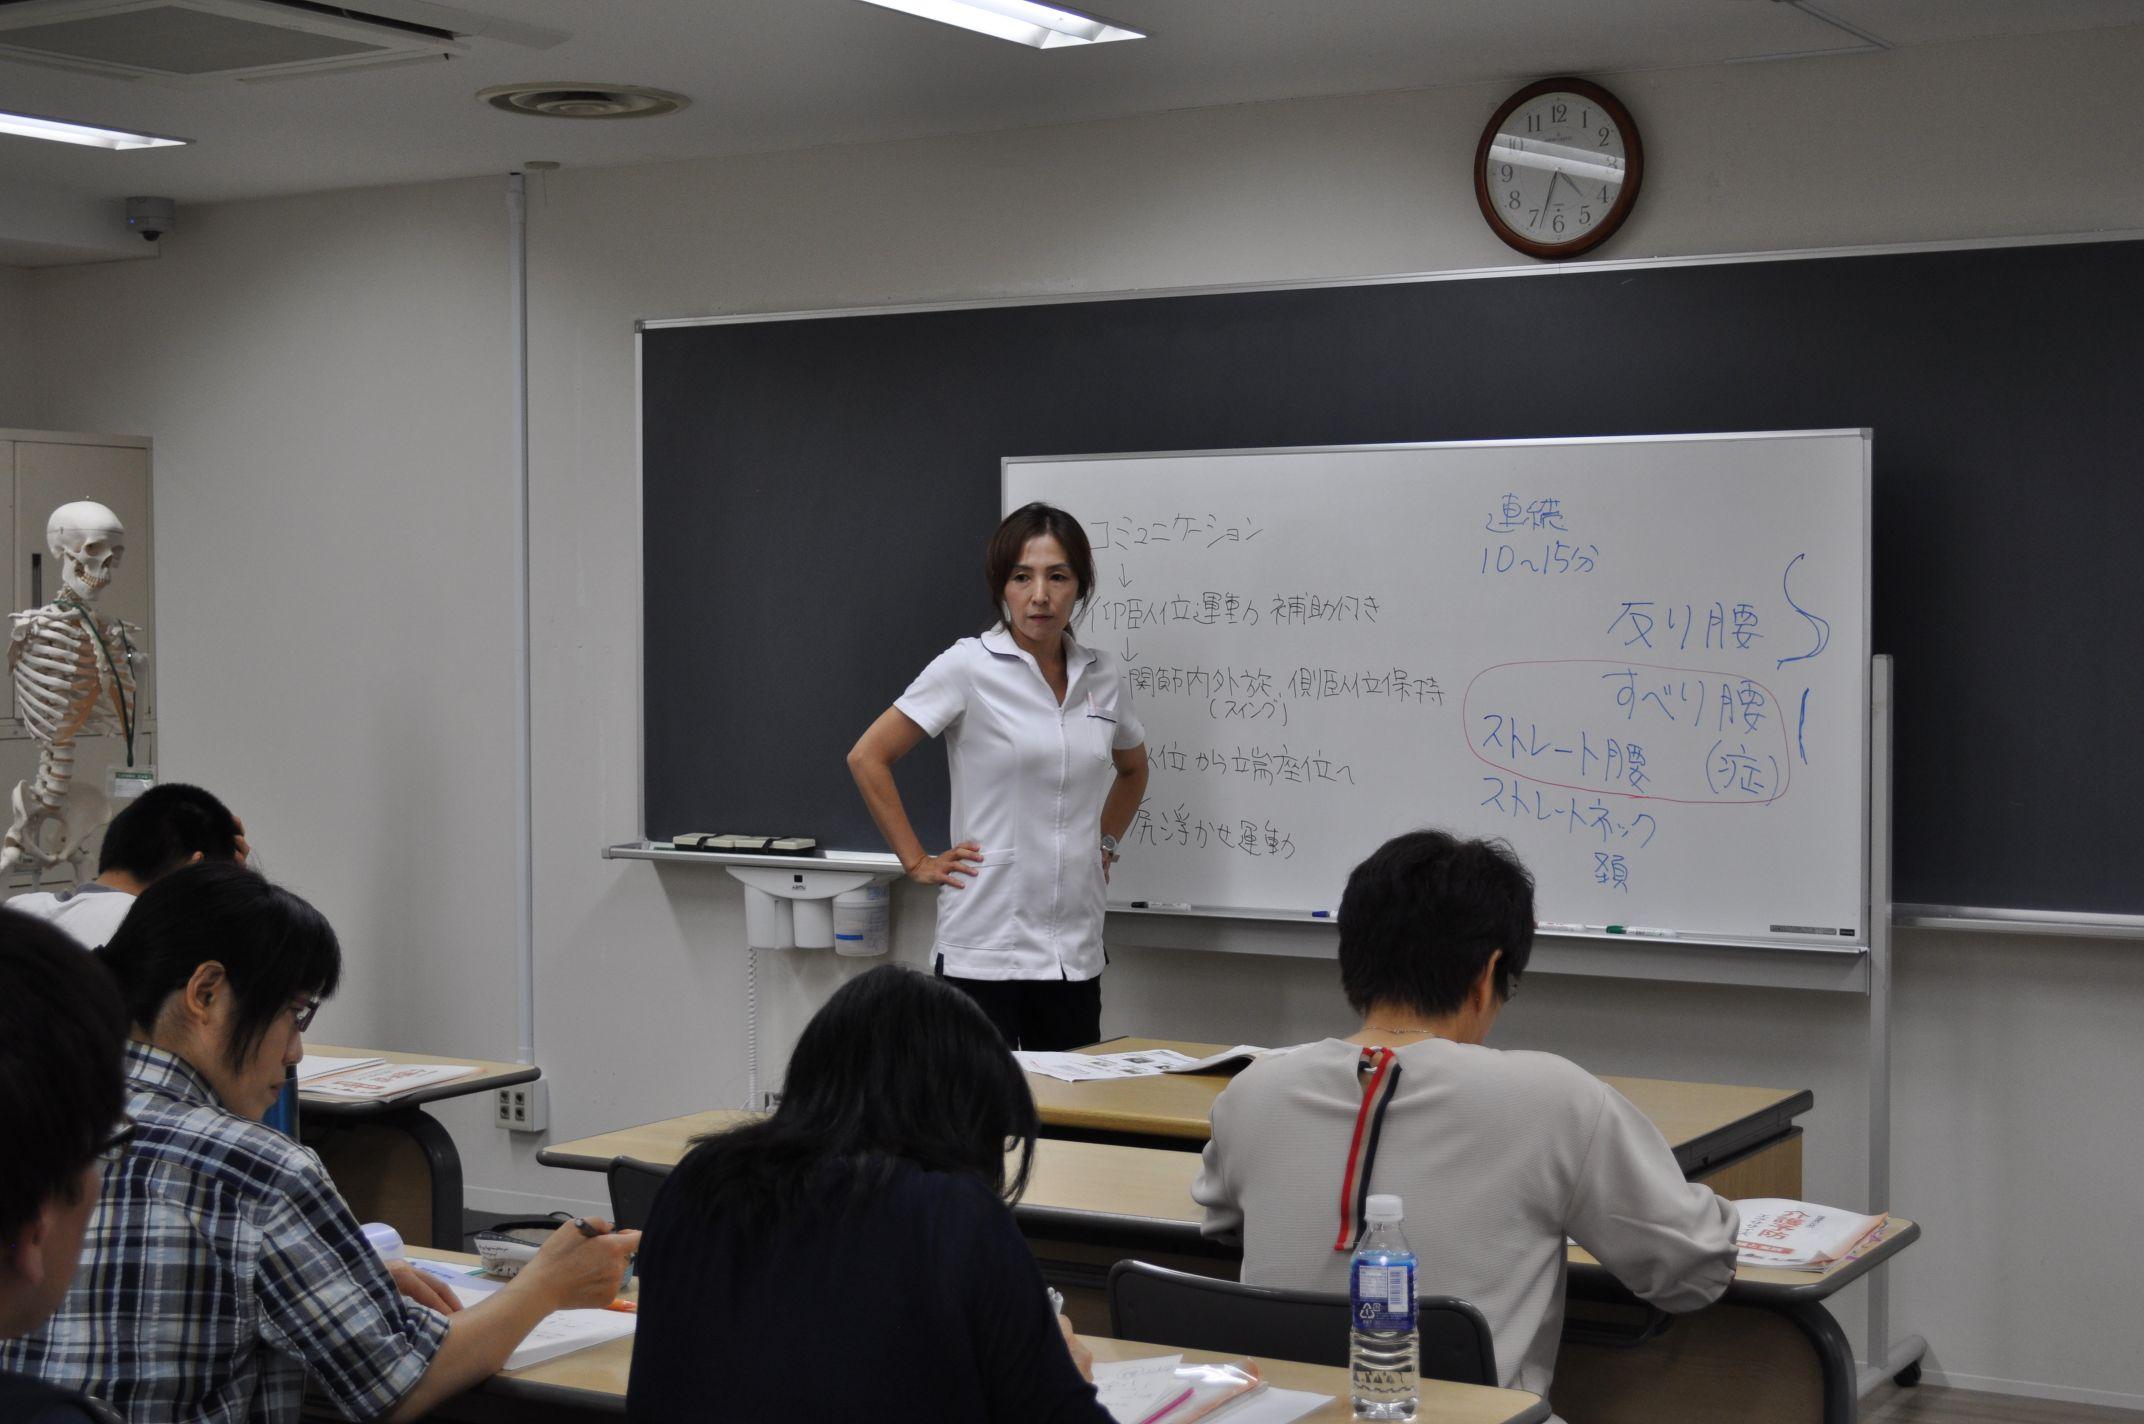 介護予防指導員養成講座~2020年10月開催~ image1